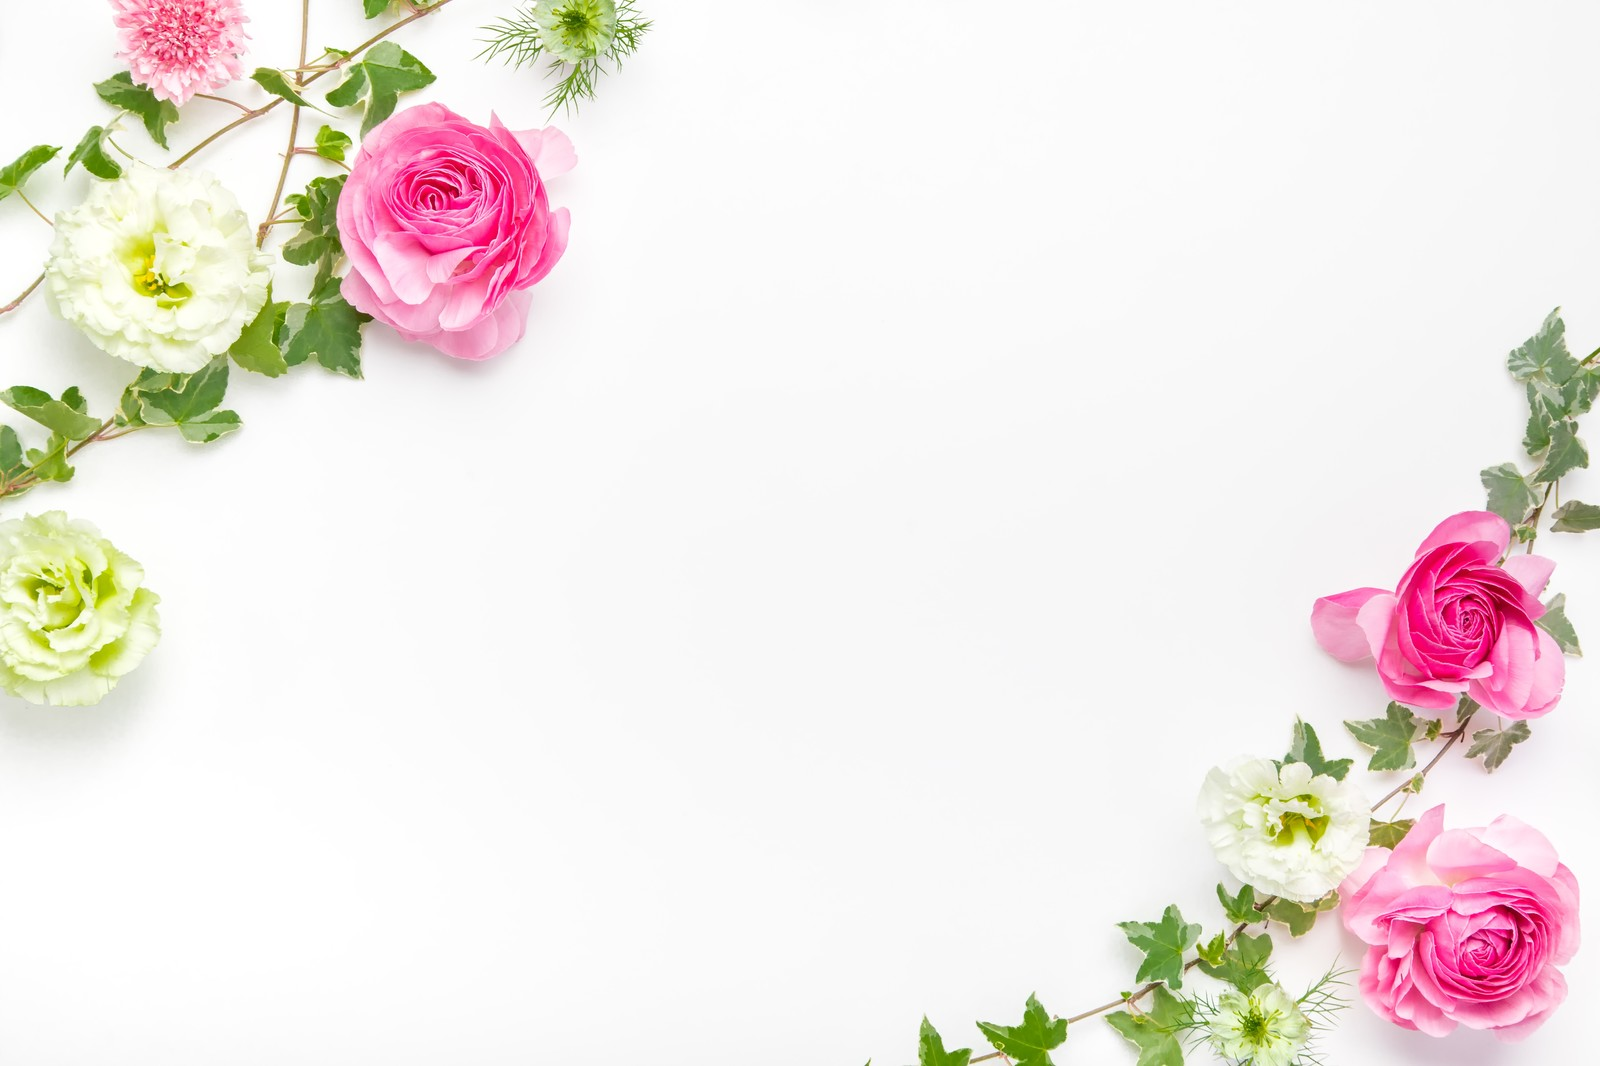 「アイビーと薔薇のフレームアイビーと薔薇のフレーム」のフリー写真素材を拡大